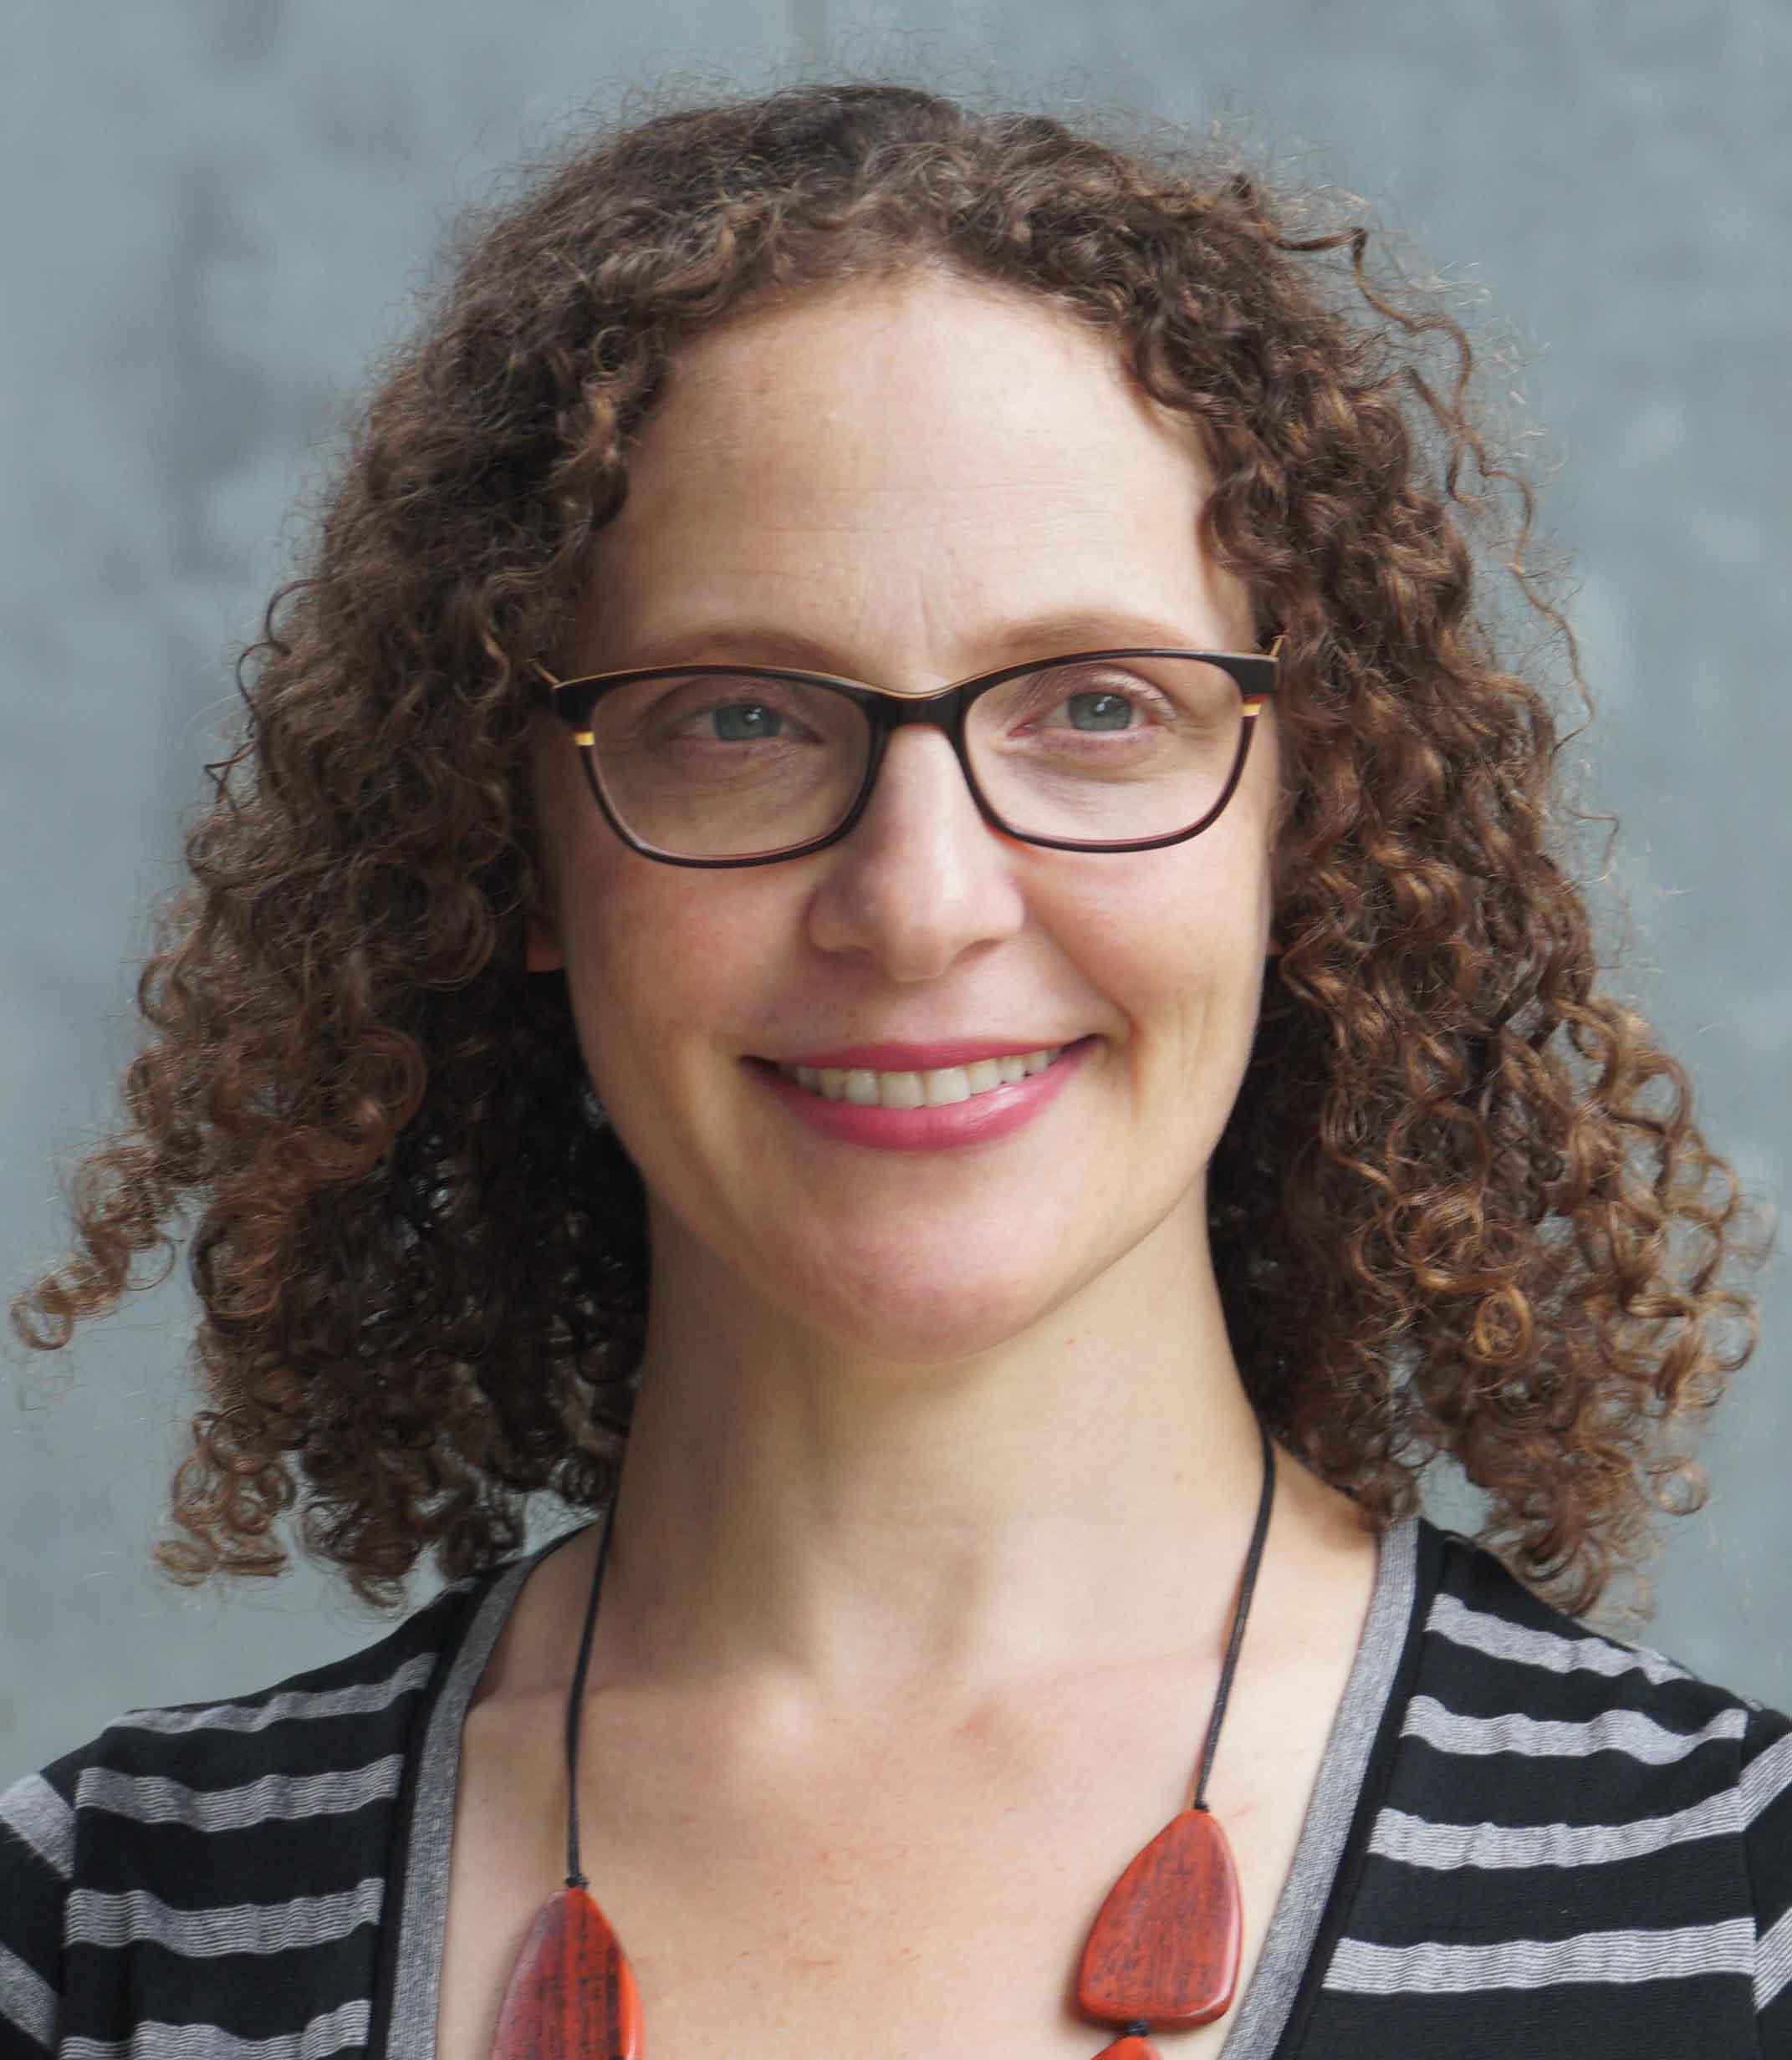 Emma Kowal, Deakin University